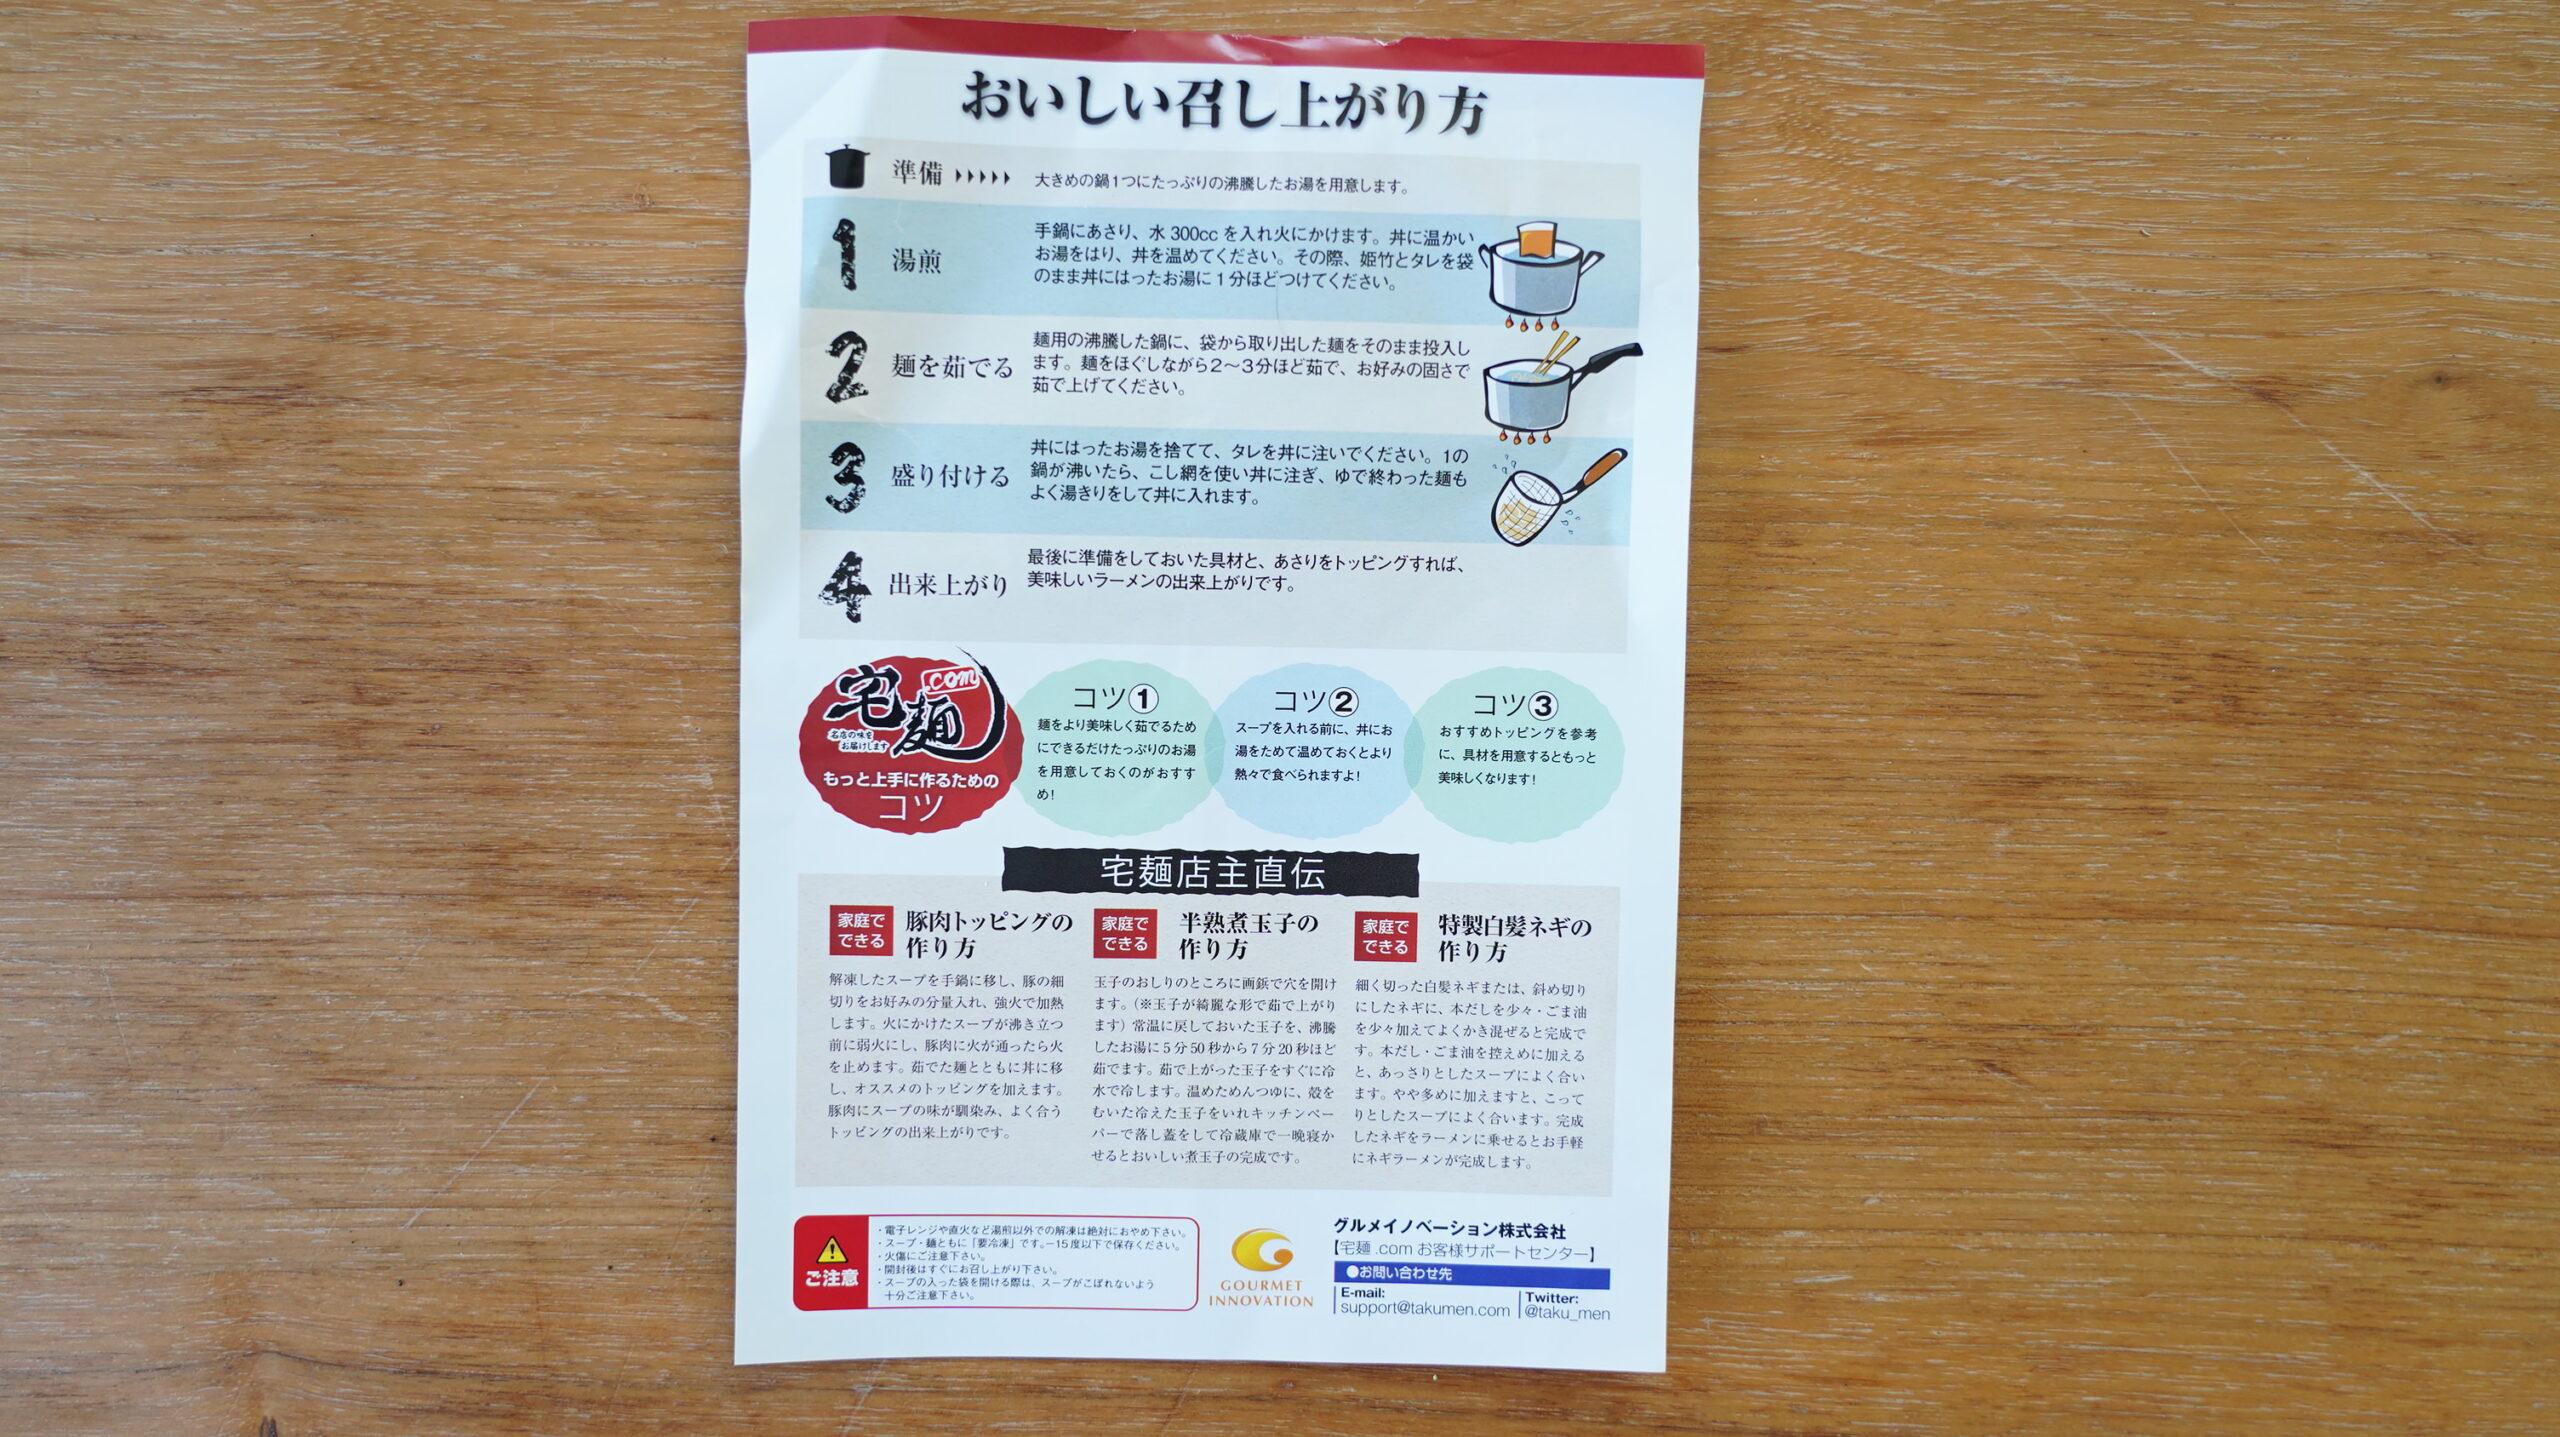 くそオヤジ最後のひとふりの「あさりラーメン」のオンライン通販・お取り寄せ用の冷凍食品の作り方の説明書の写真